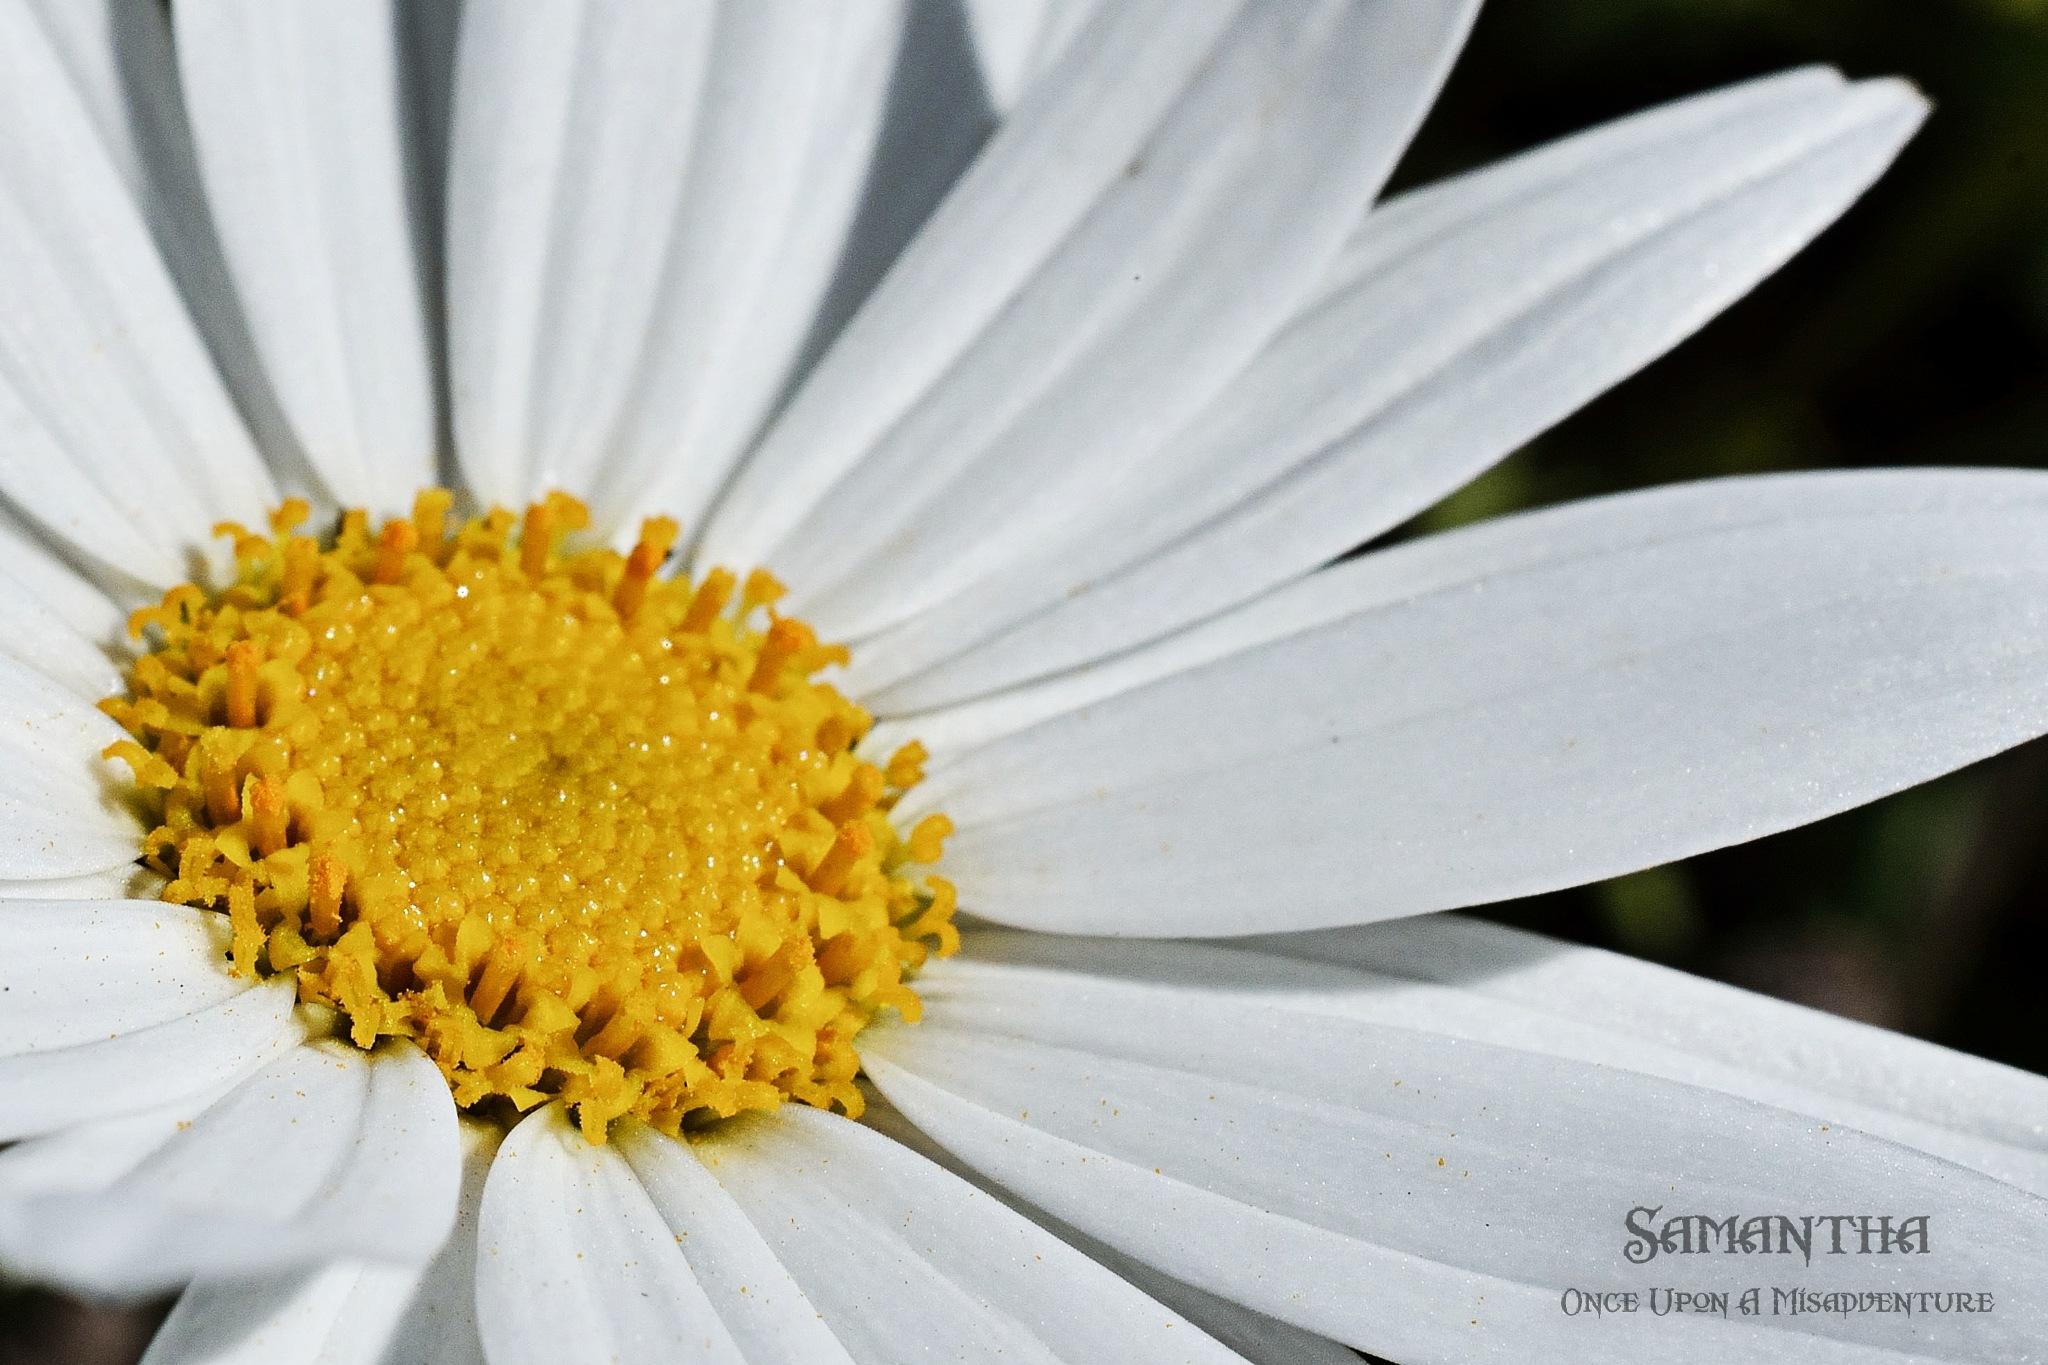 Daisy by Samantha Cullen